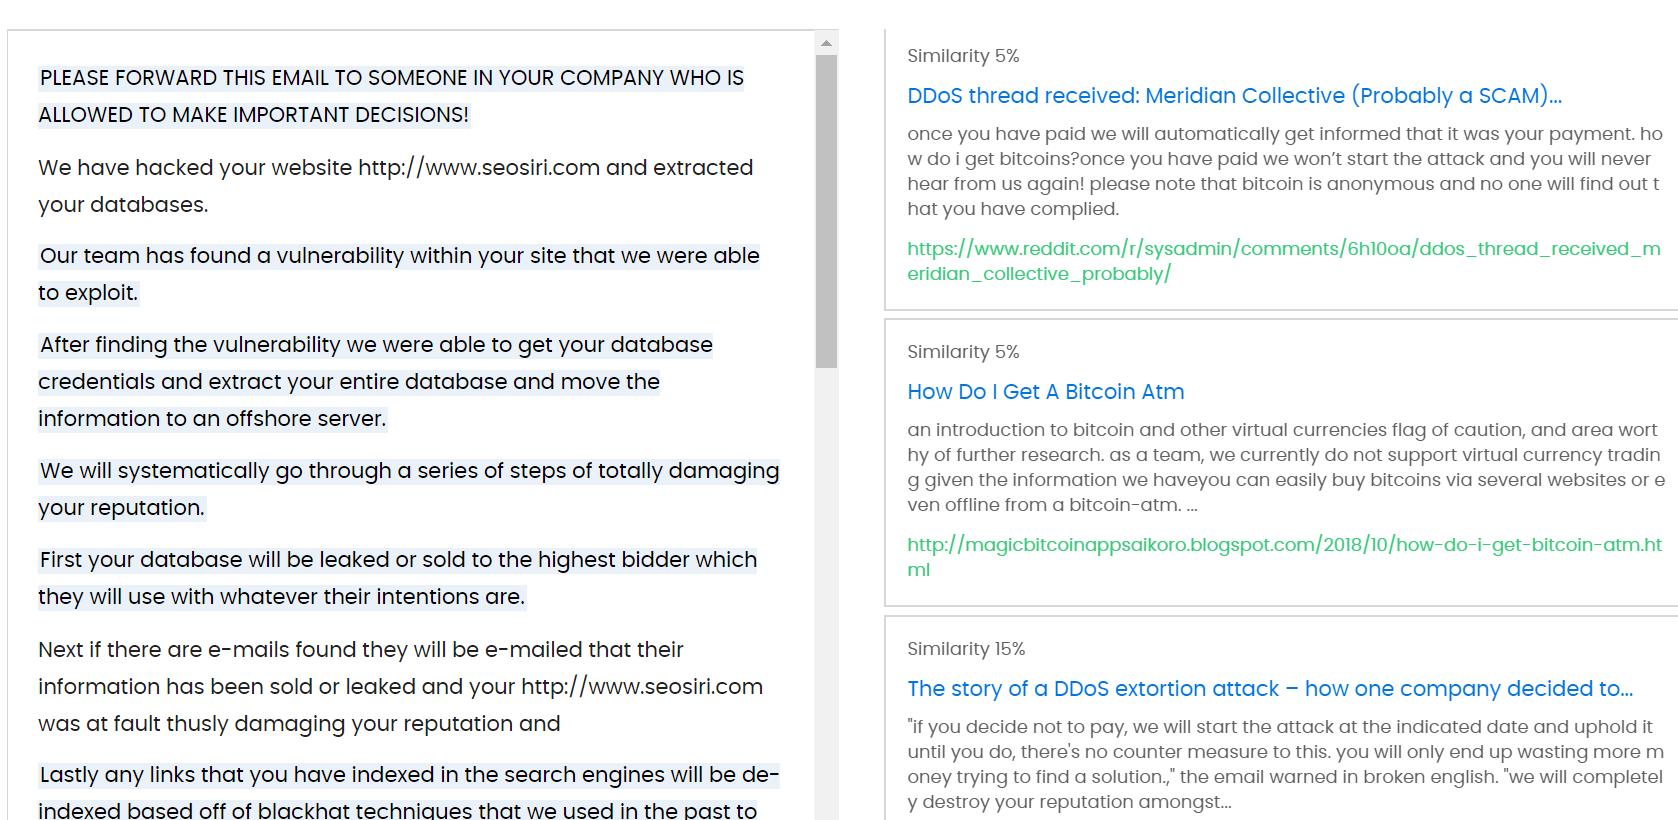 A Blockchain még nehezebbé teszi a dolgokat a blackhat hackerek számára - Közreműködők